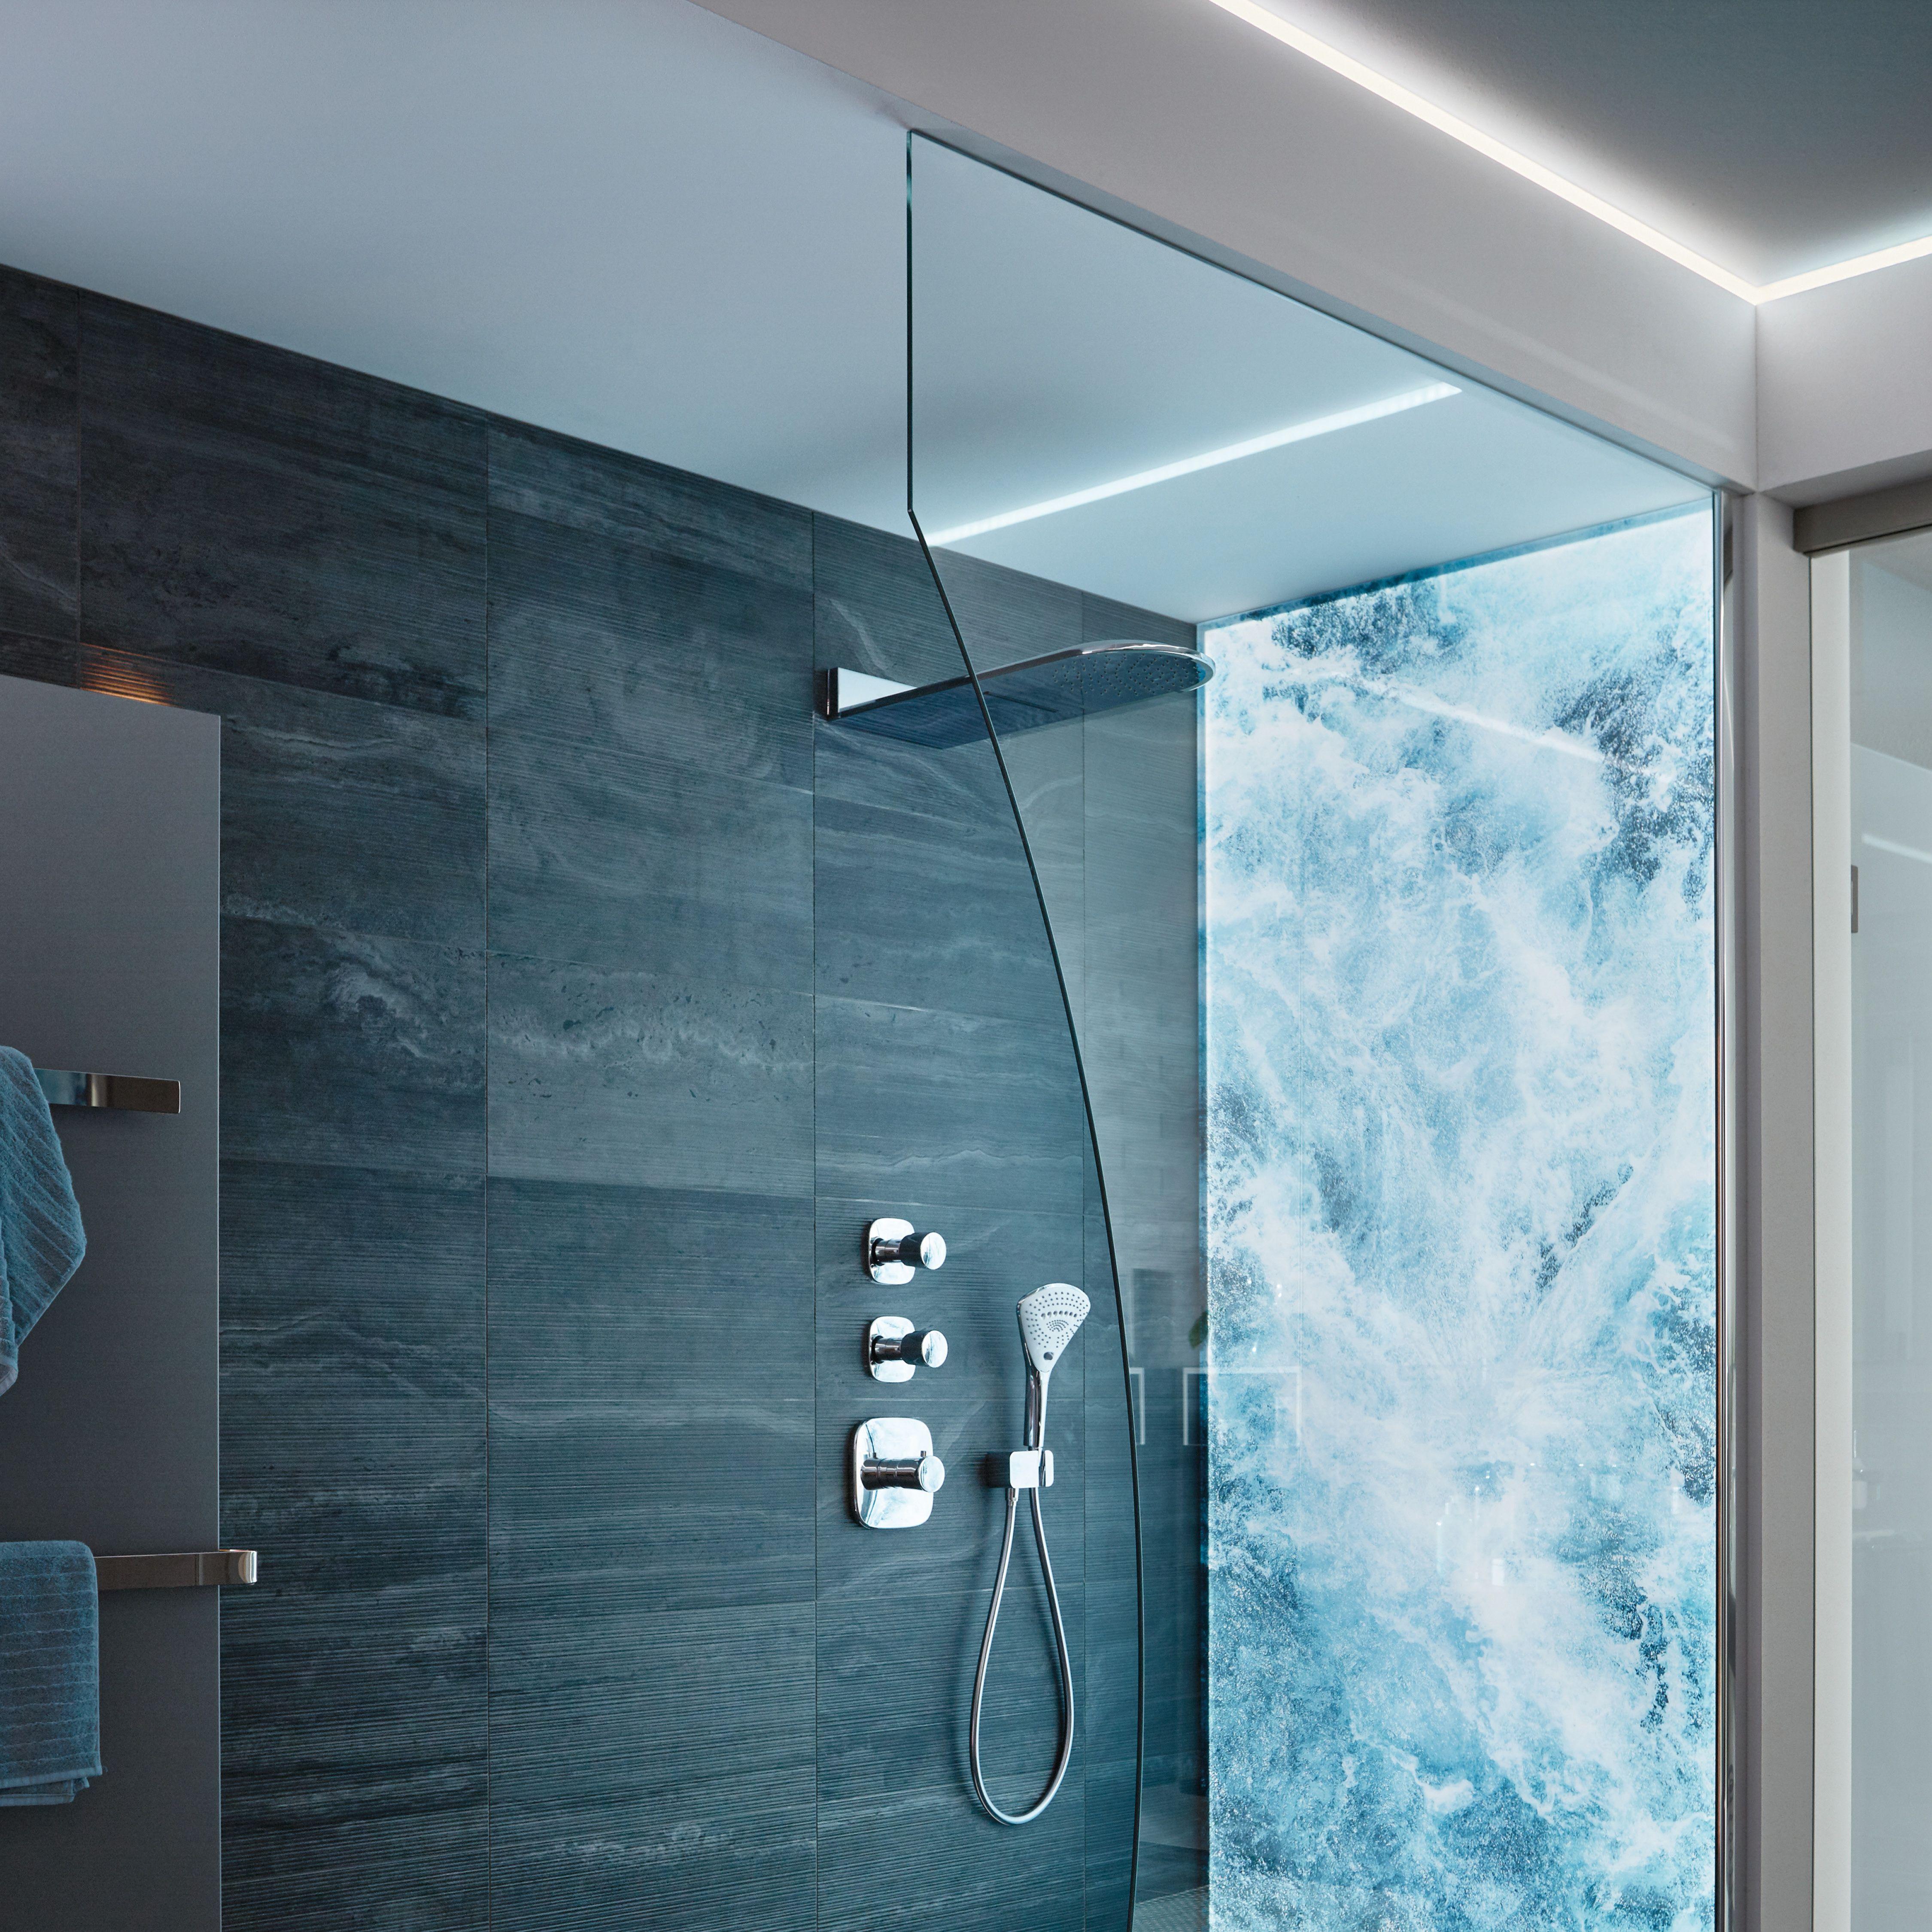 Fur Ein Ganz Besonderes Duscherlebnis Unsere Glasausschnitte Sorgen Fur Individuelle Losungen In Jedem Zuhause A In 2020 Badezimmer Badezimmer Platten Fliesen Kaufen